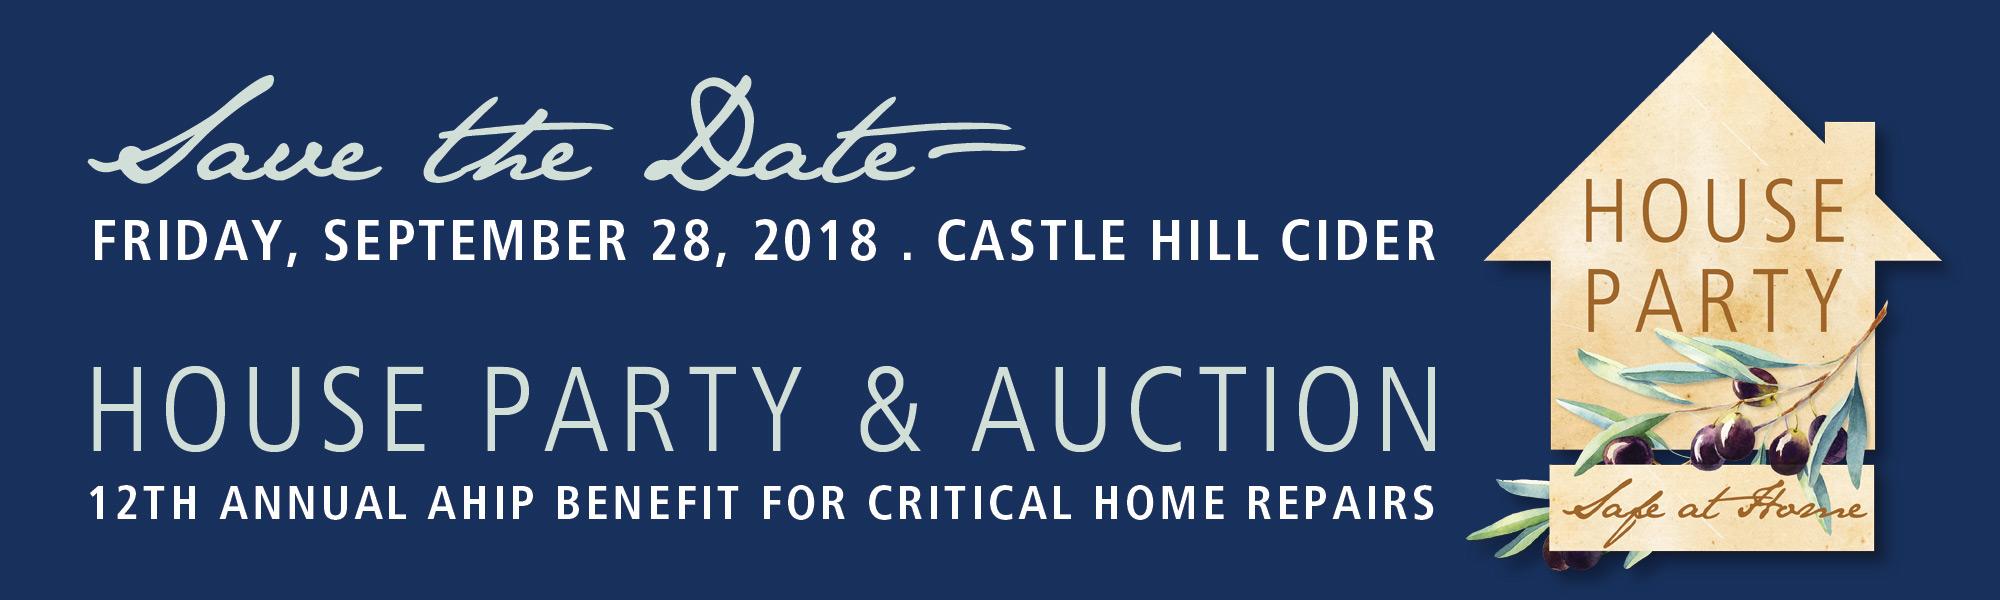 AHIP House Party & Auction